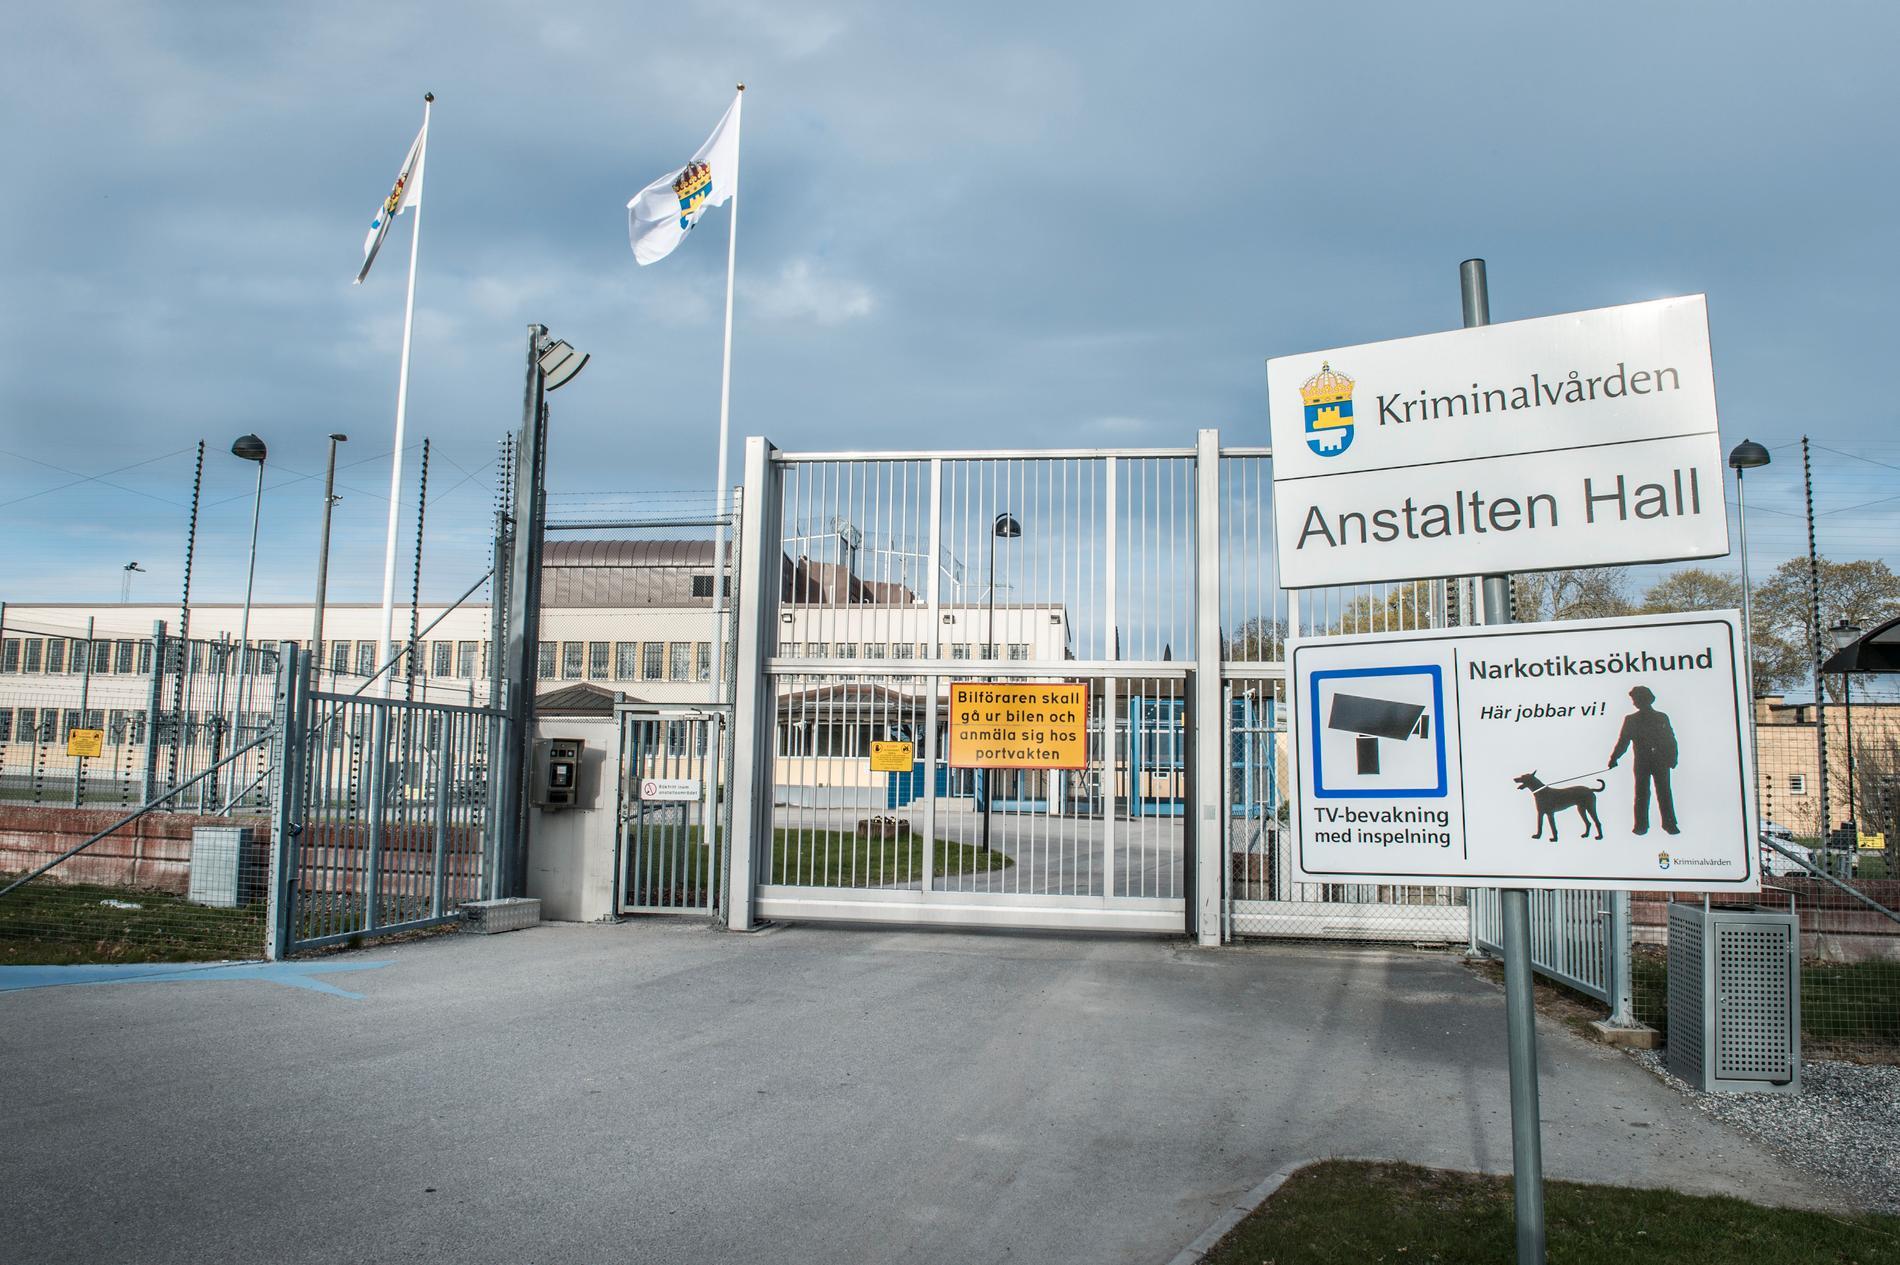 Den 34-årige fången avtjänar ett längre fängelsestraff på Hallanstalten utanför Södertälje.